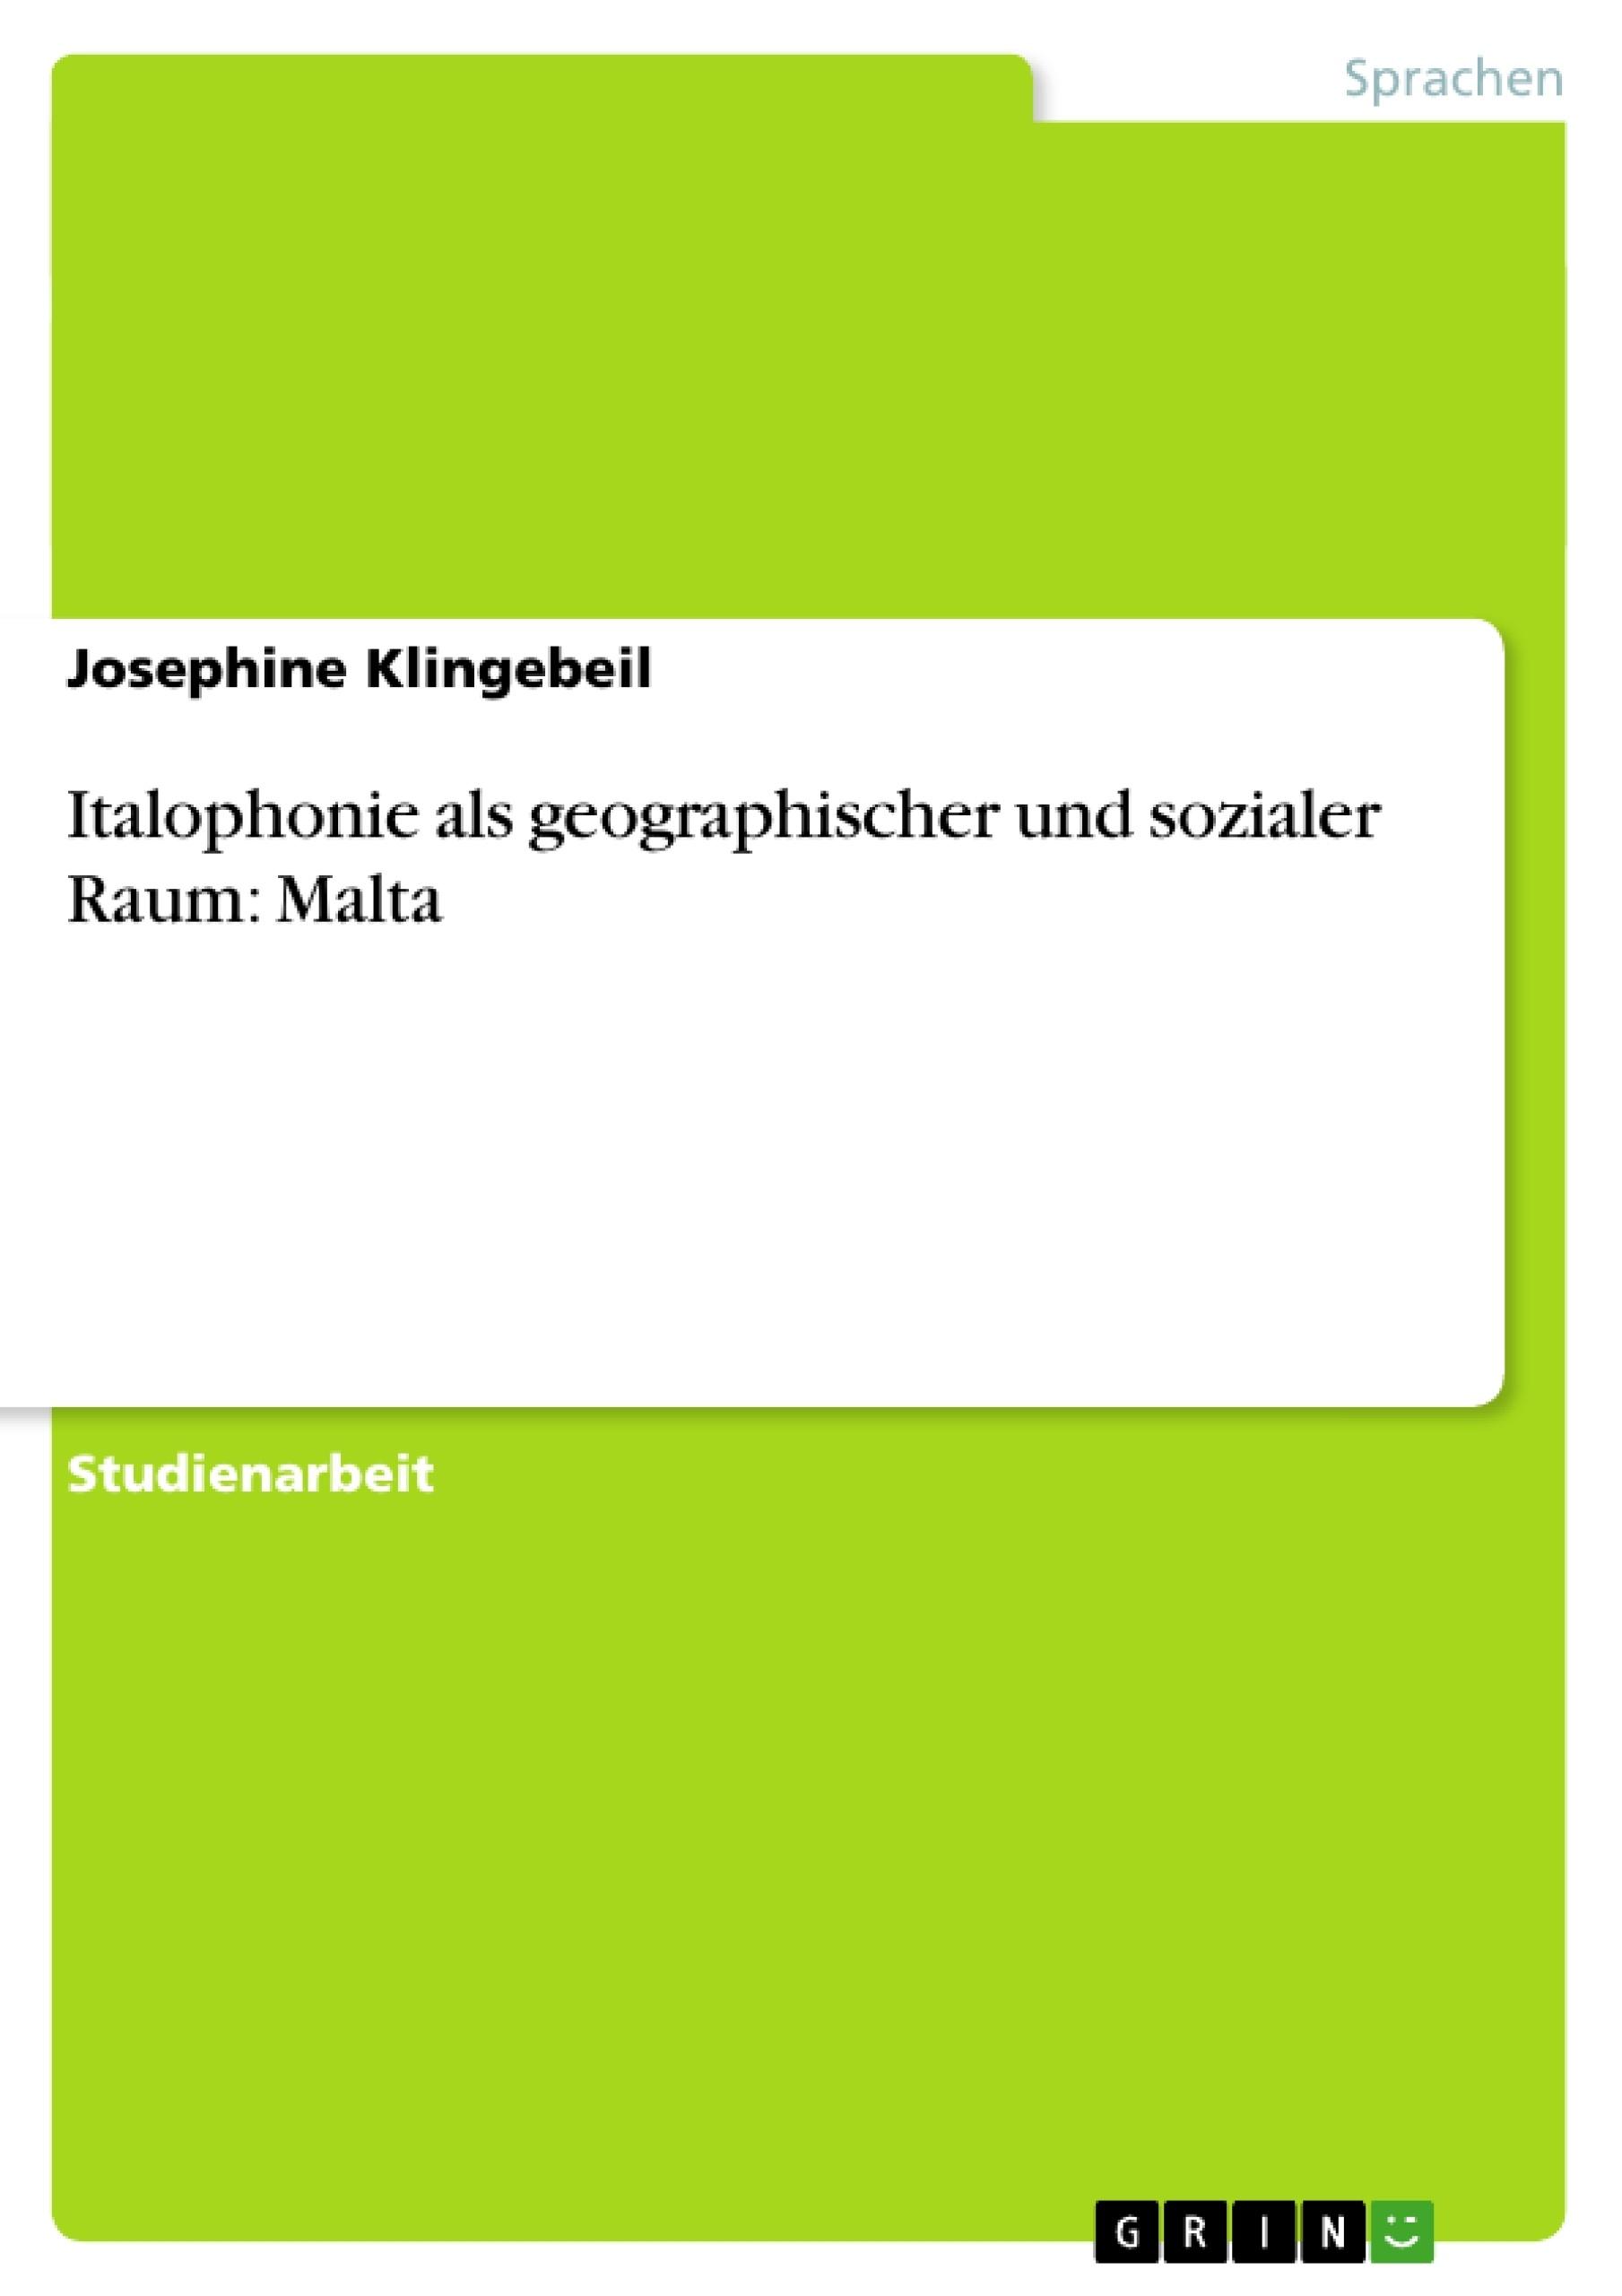 Titel: Italophonie als geographischer und sozialer Raum: Malta